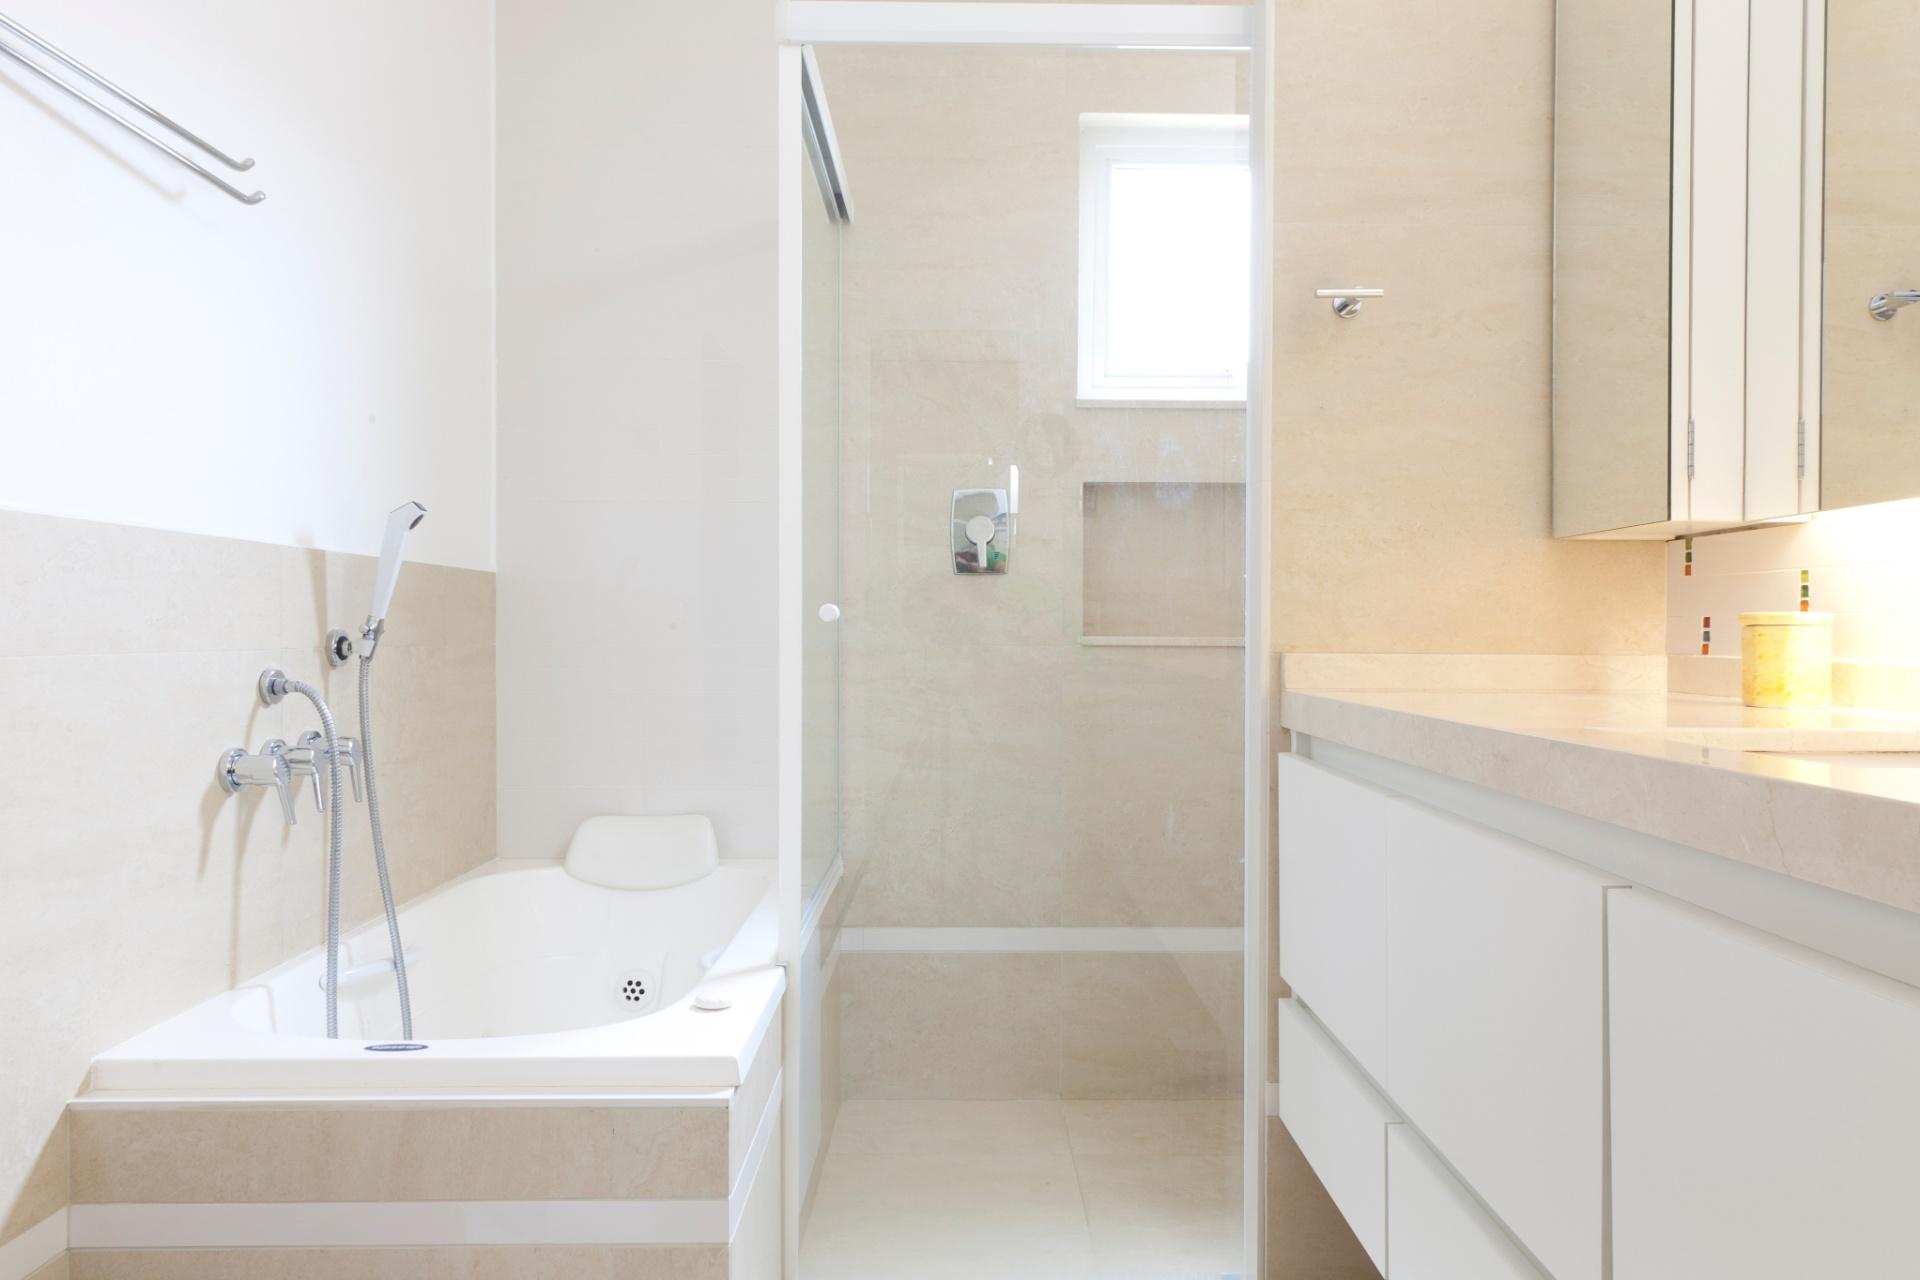 #474316 Banheiro Suite Casal Simples Liusn.com Obtenha uma  1920x1280 px modelo de banheiro simples e pequeno